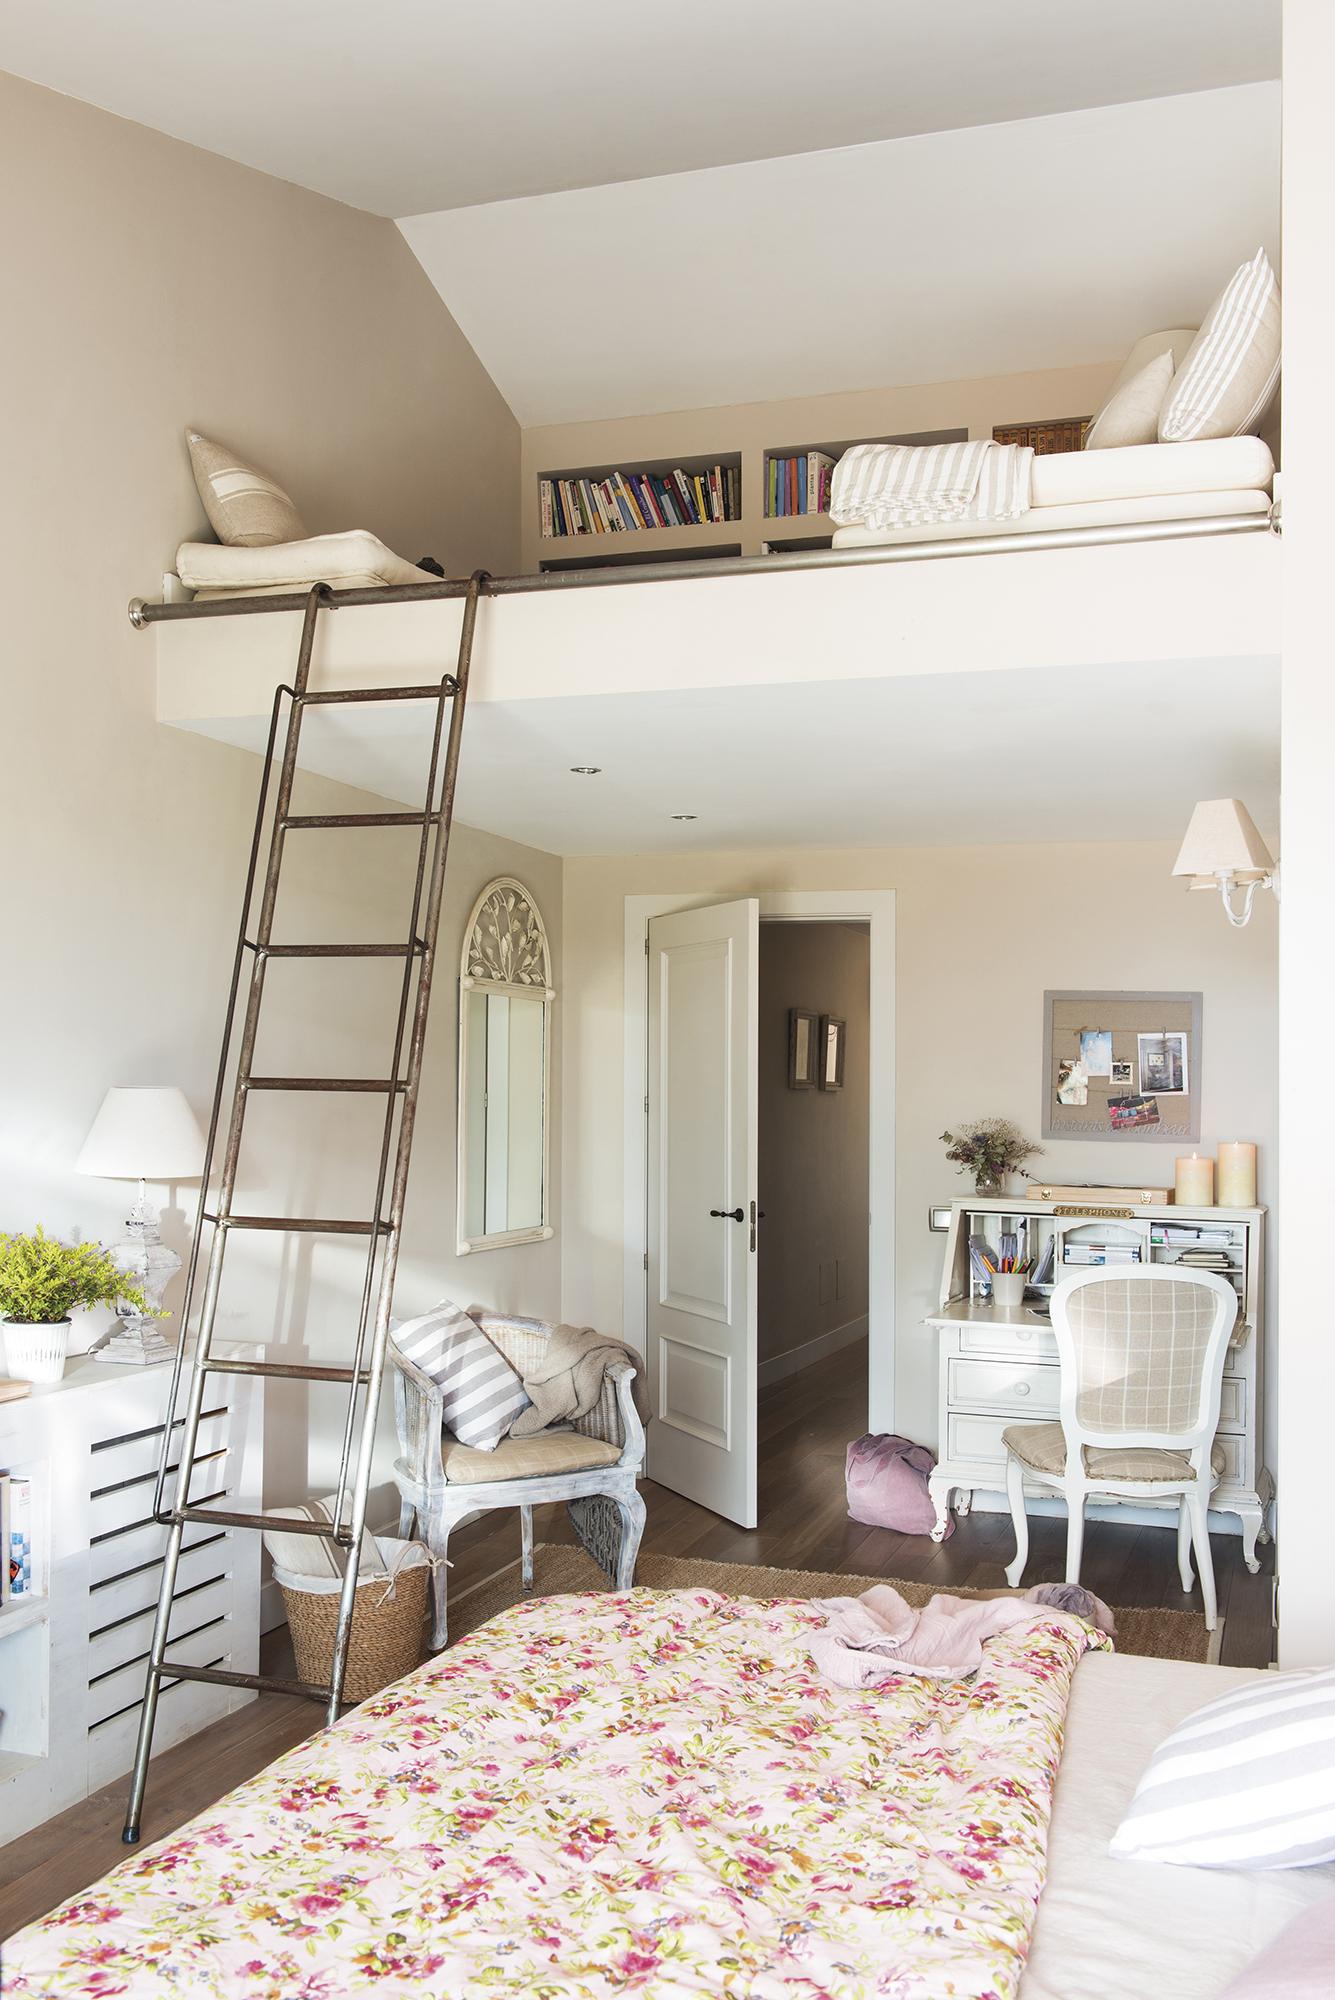 спальня кровать высокий потолок антресоли лесенка